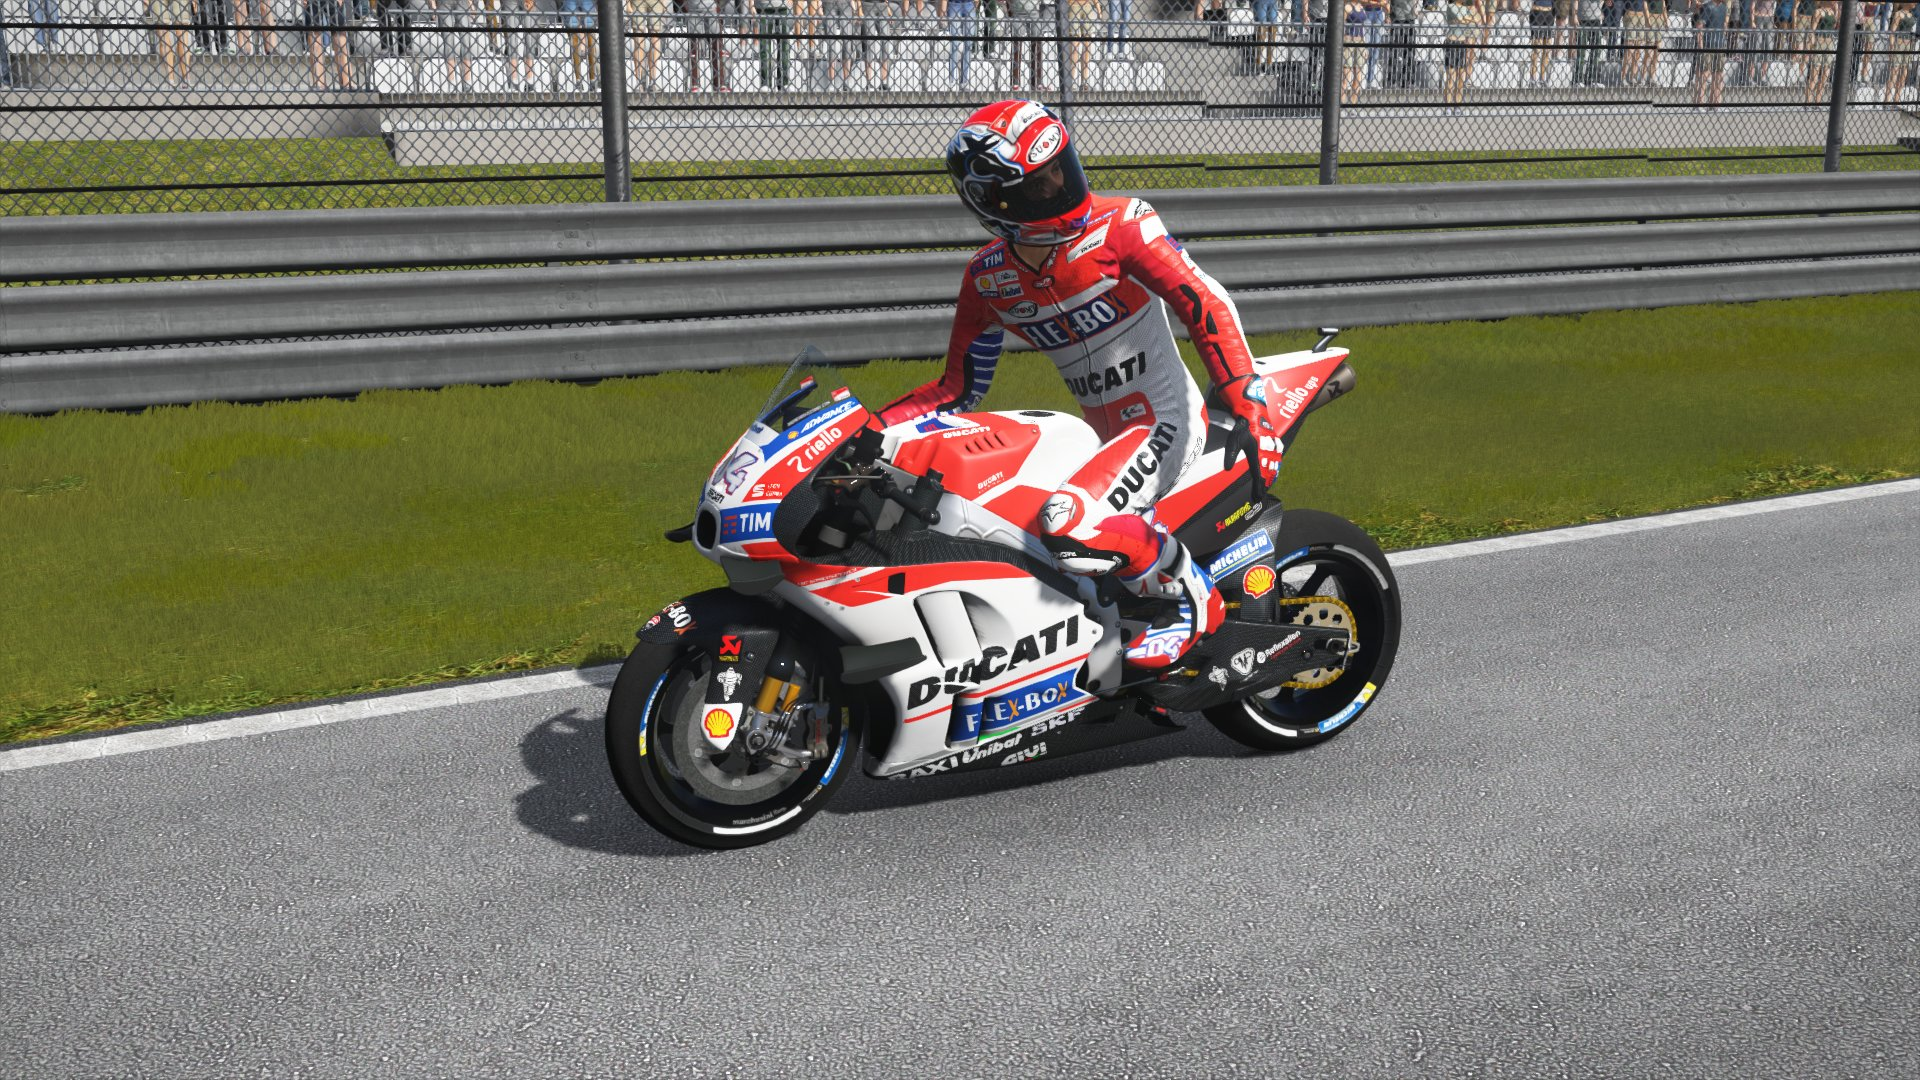 MotoGPVR46X64_2017-02-07_15-36-55-302.jpg